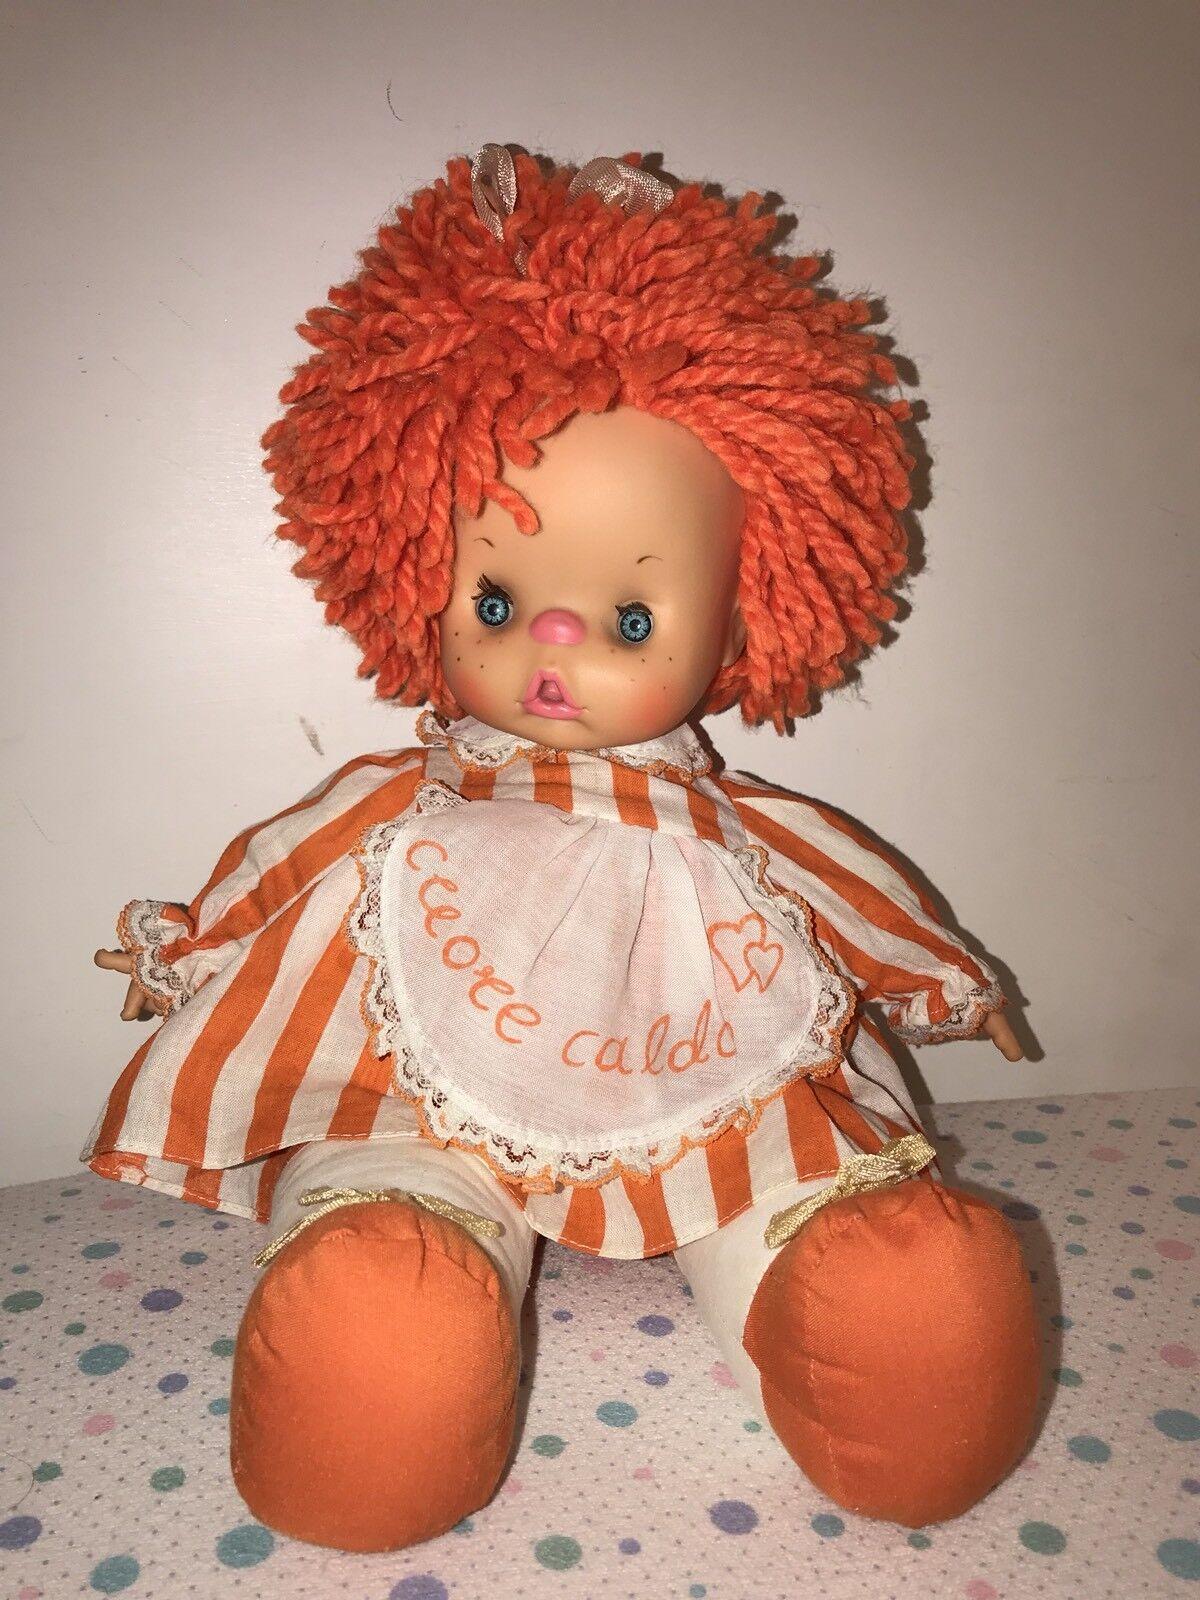 Bambola Cuore Caldo Gig Arancione Arancione Arancione Con Disco (leggi) 7b1565